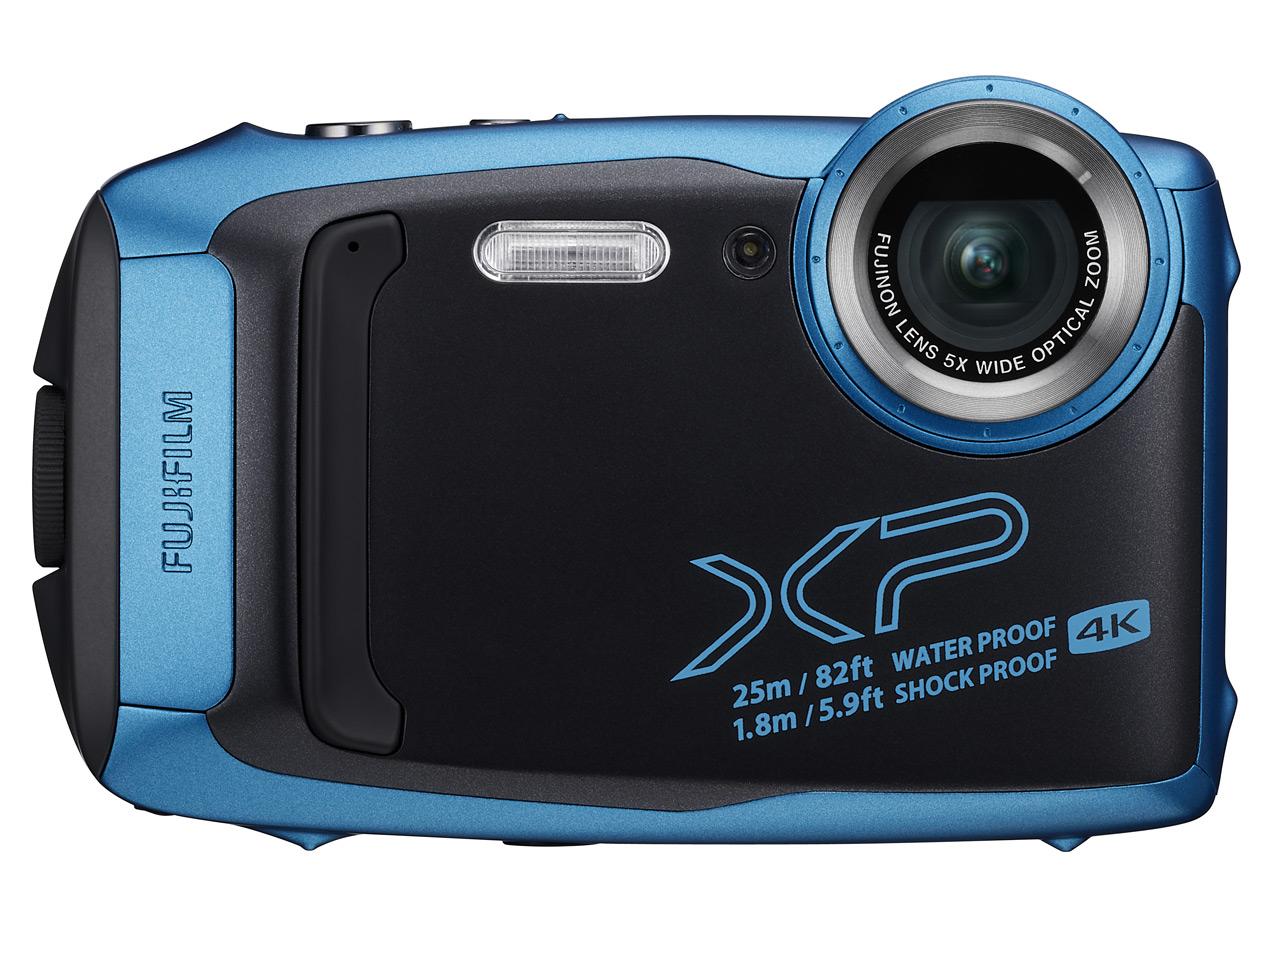 新品 FUJIFILM FinePix XP140 スカイブルー 有効画素数 1635万画素 防水 光学ズーム5倍 在庫有り フジ